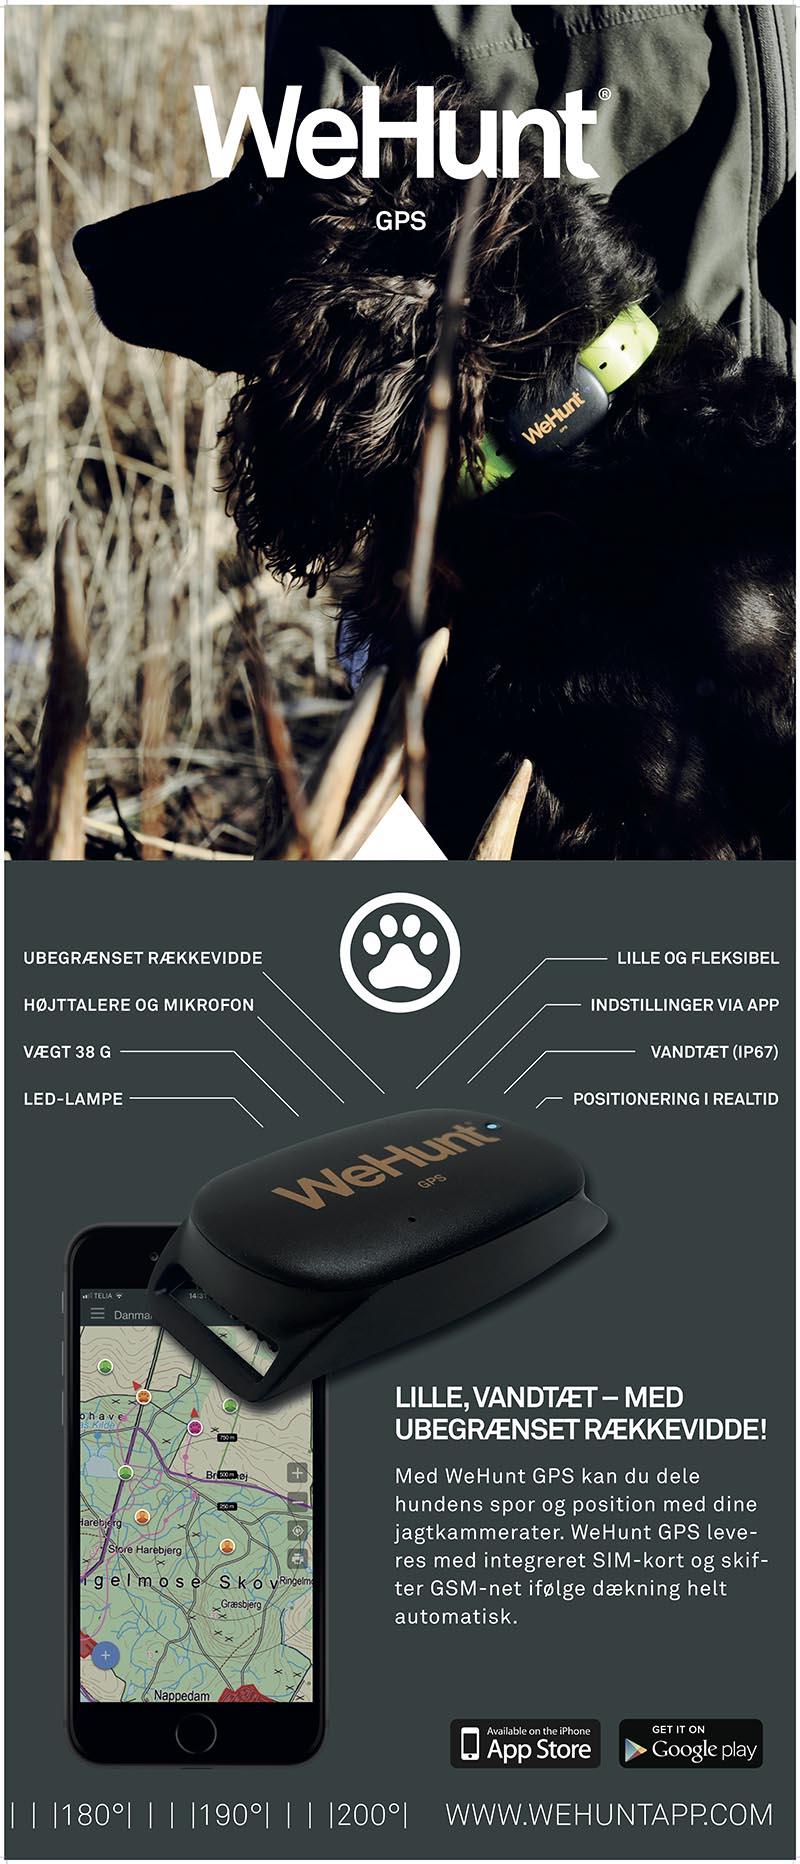 WeHunt GPS enhed til sporing af jagthund